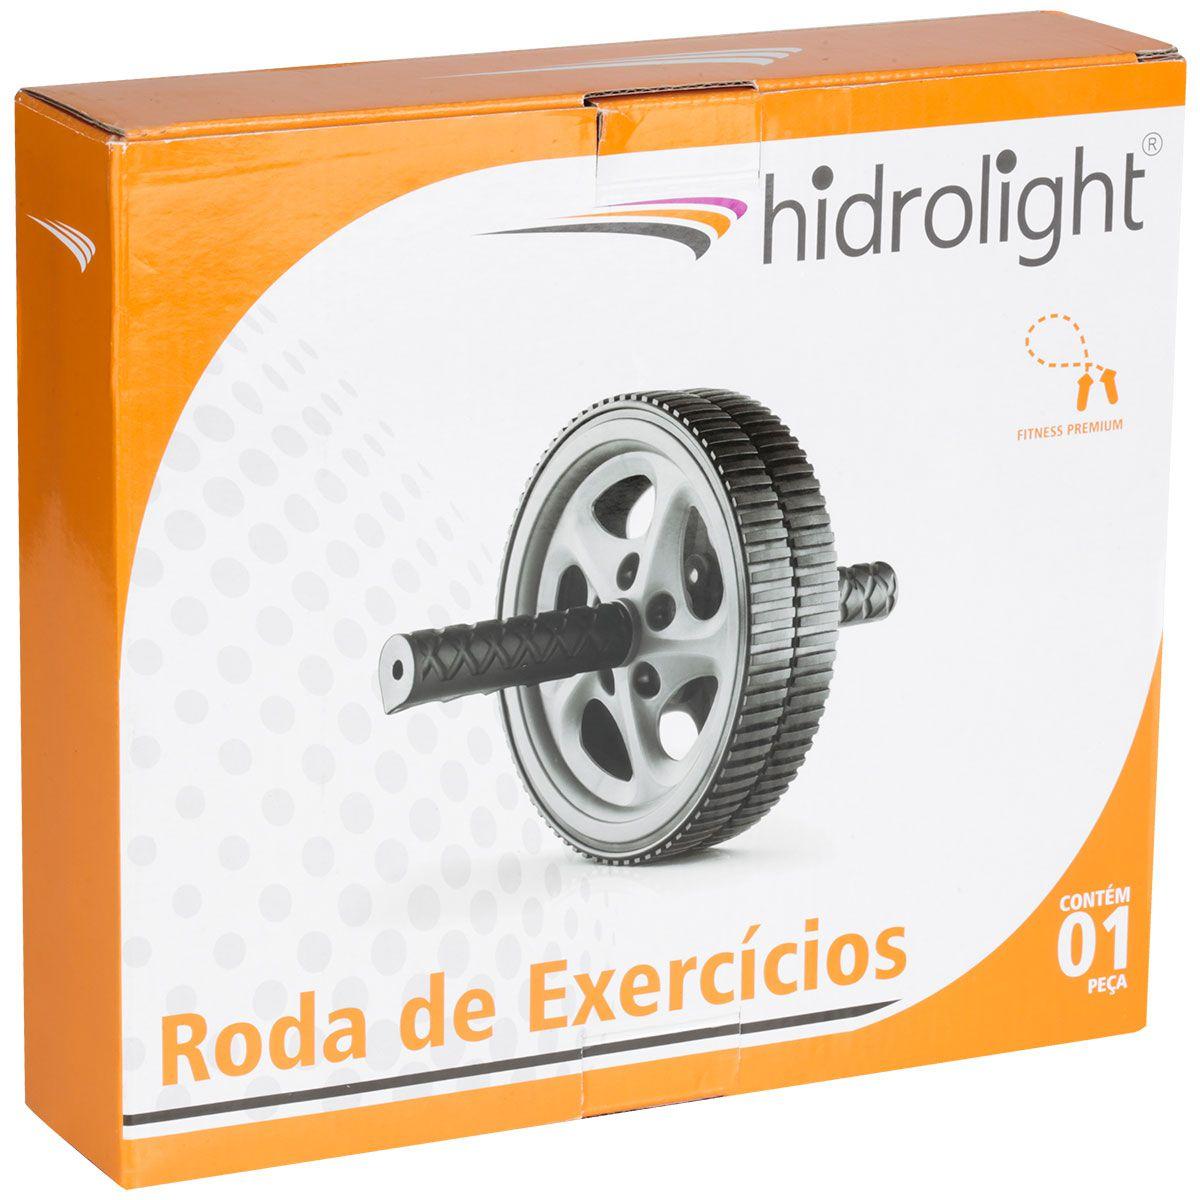 Roda de Exercícios Hidrolight - CINZA